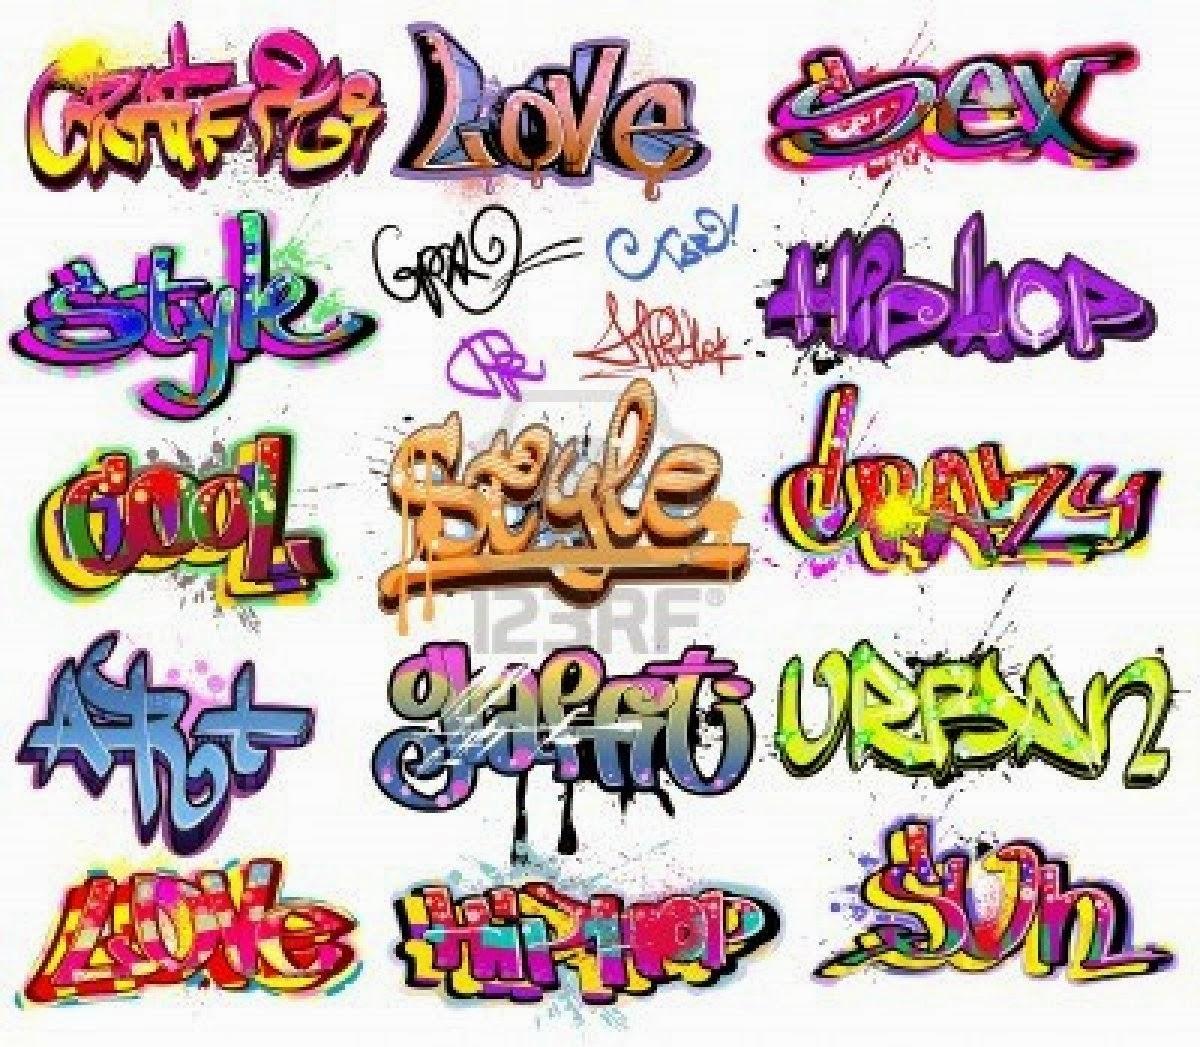 Graffiti Creator Styles Graffiti Words Cool